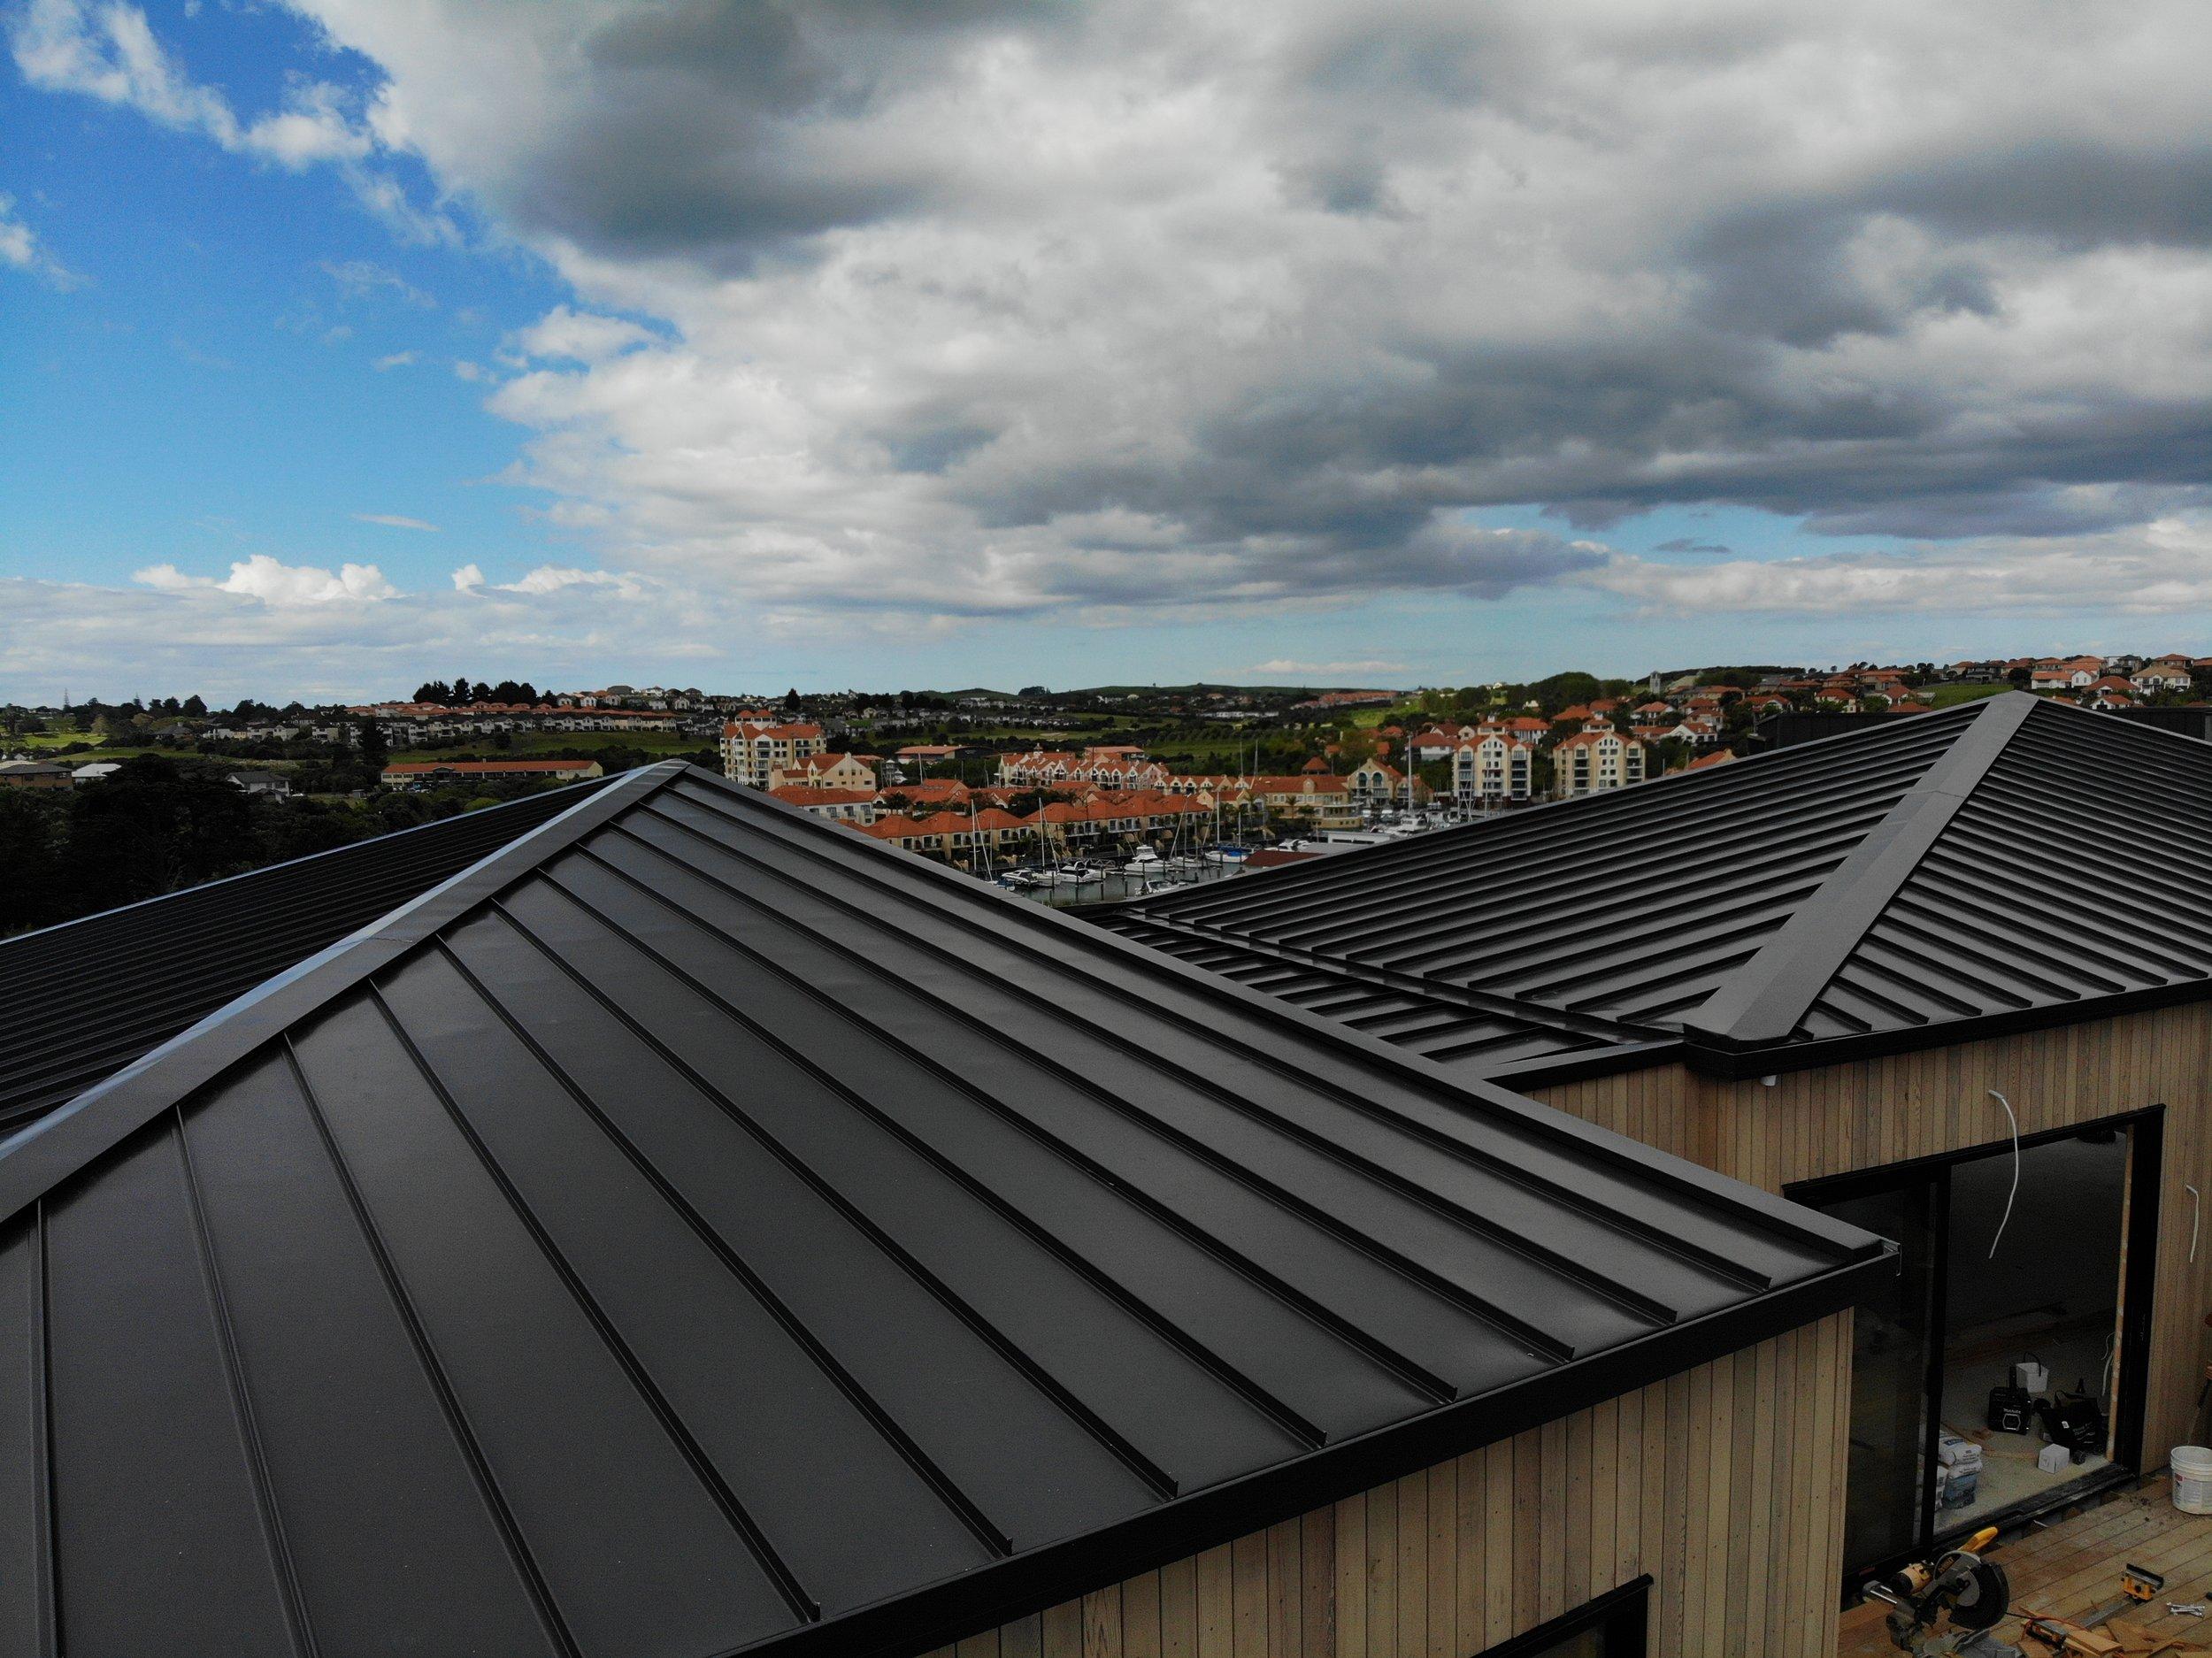 The-Roofing-Store-Steel-Metal-Super-Seam-540-Raven-9.jpg.jpg